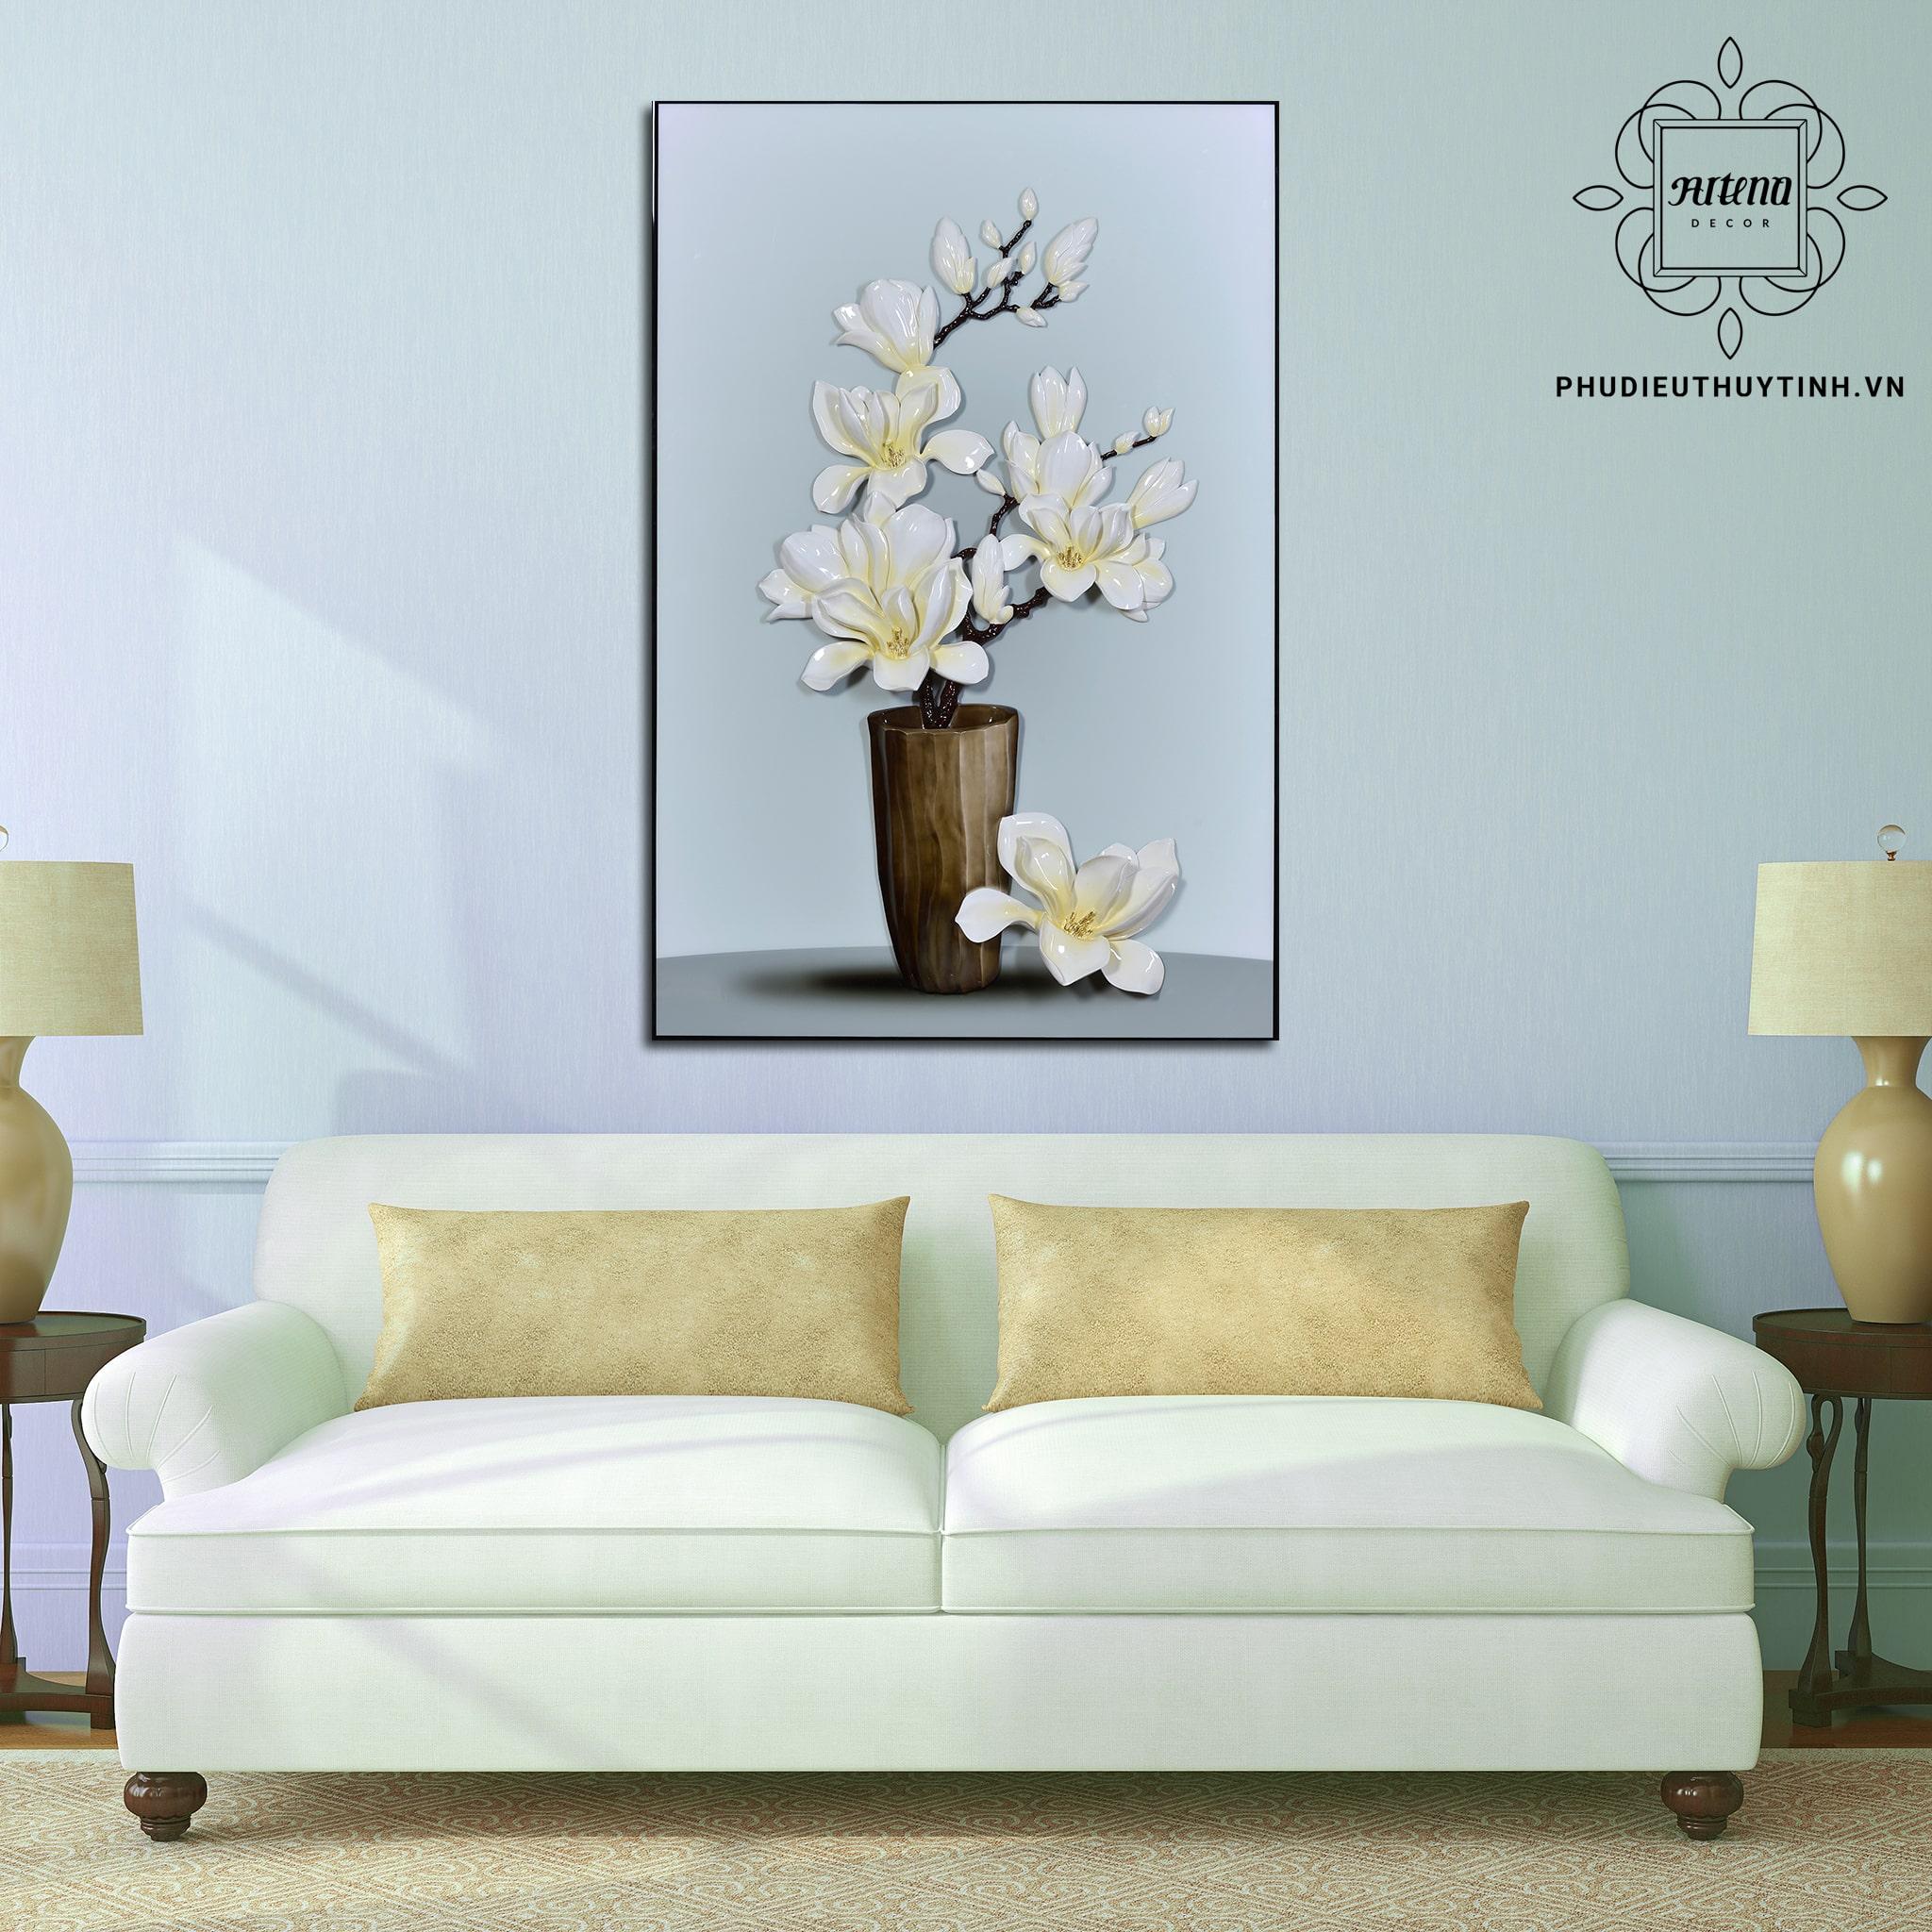 Bức tranh hoa mai hình chữ nhật trong phòng khách thiết kế theo phong cách sang trọng, hiện đại